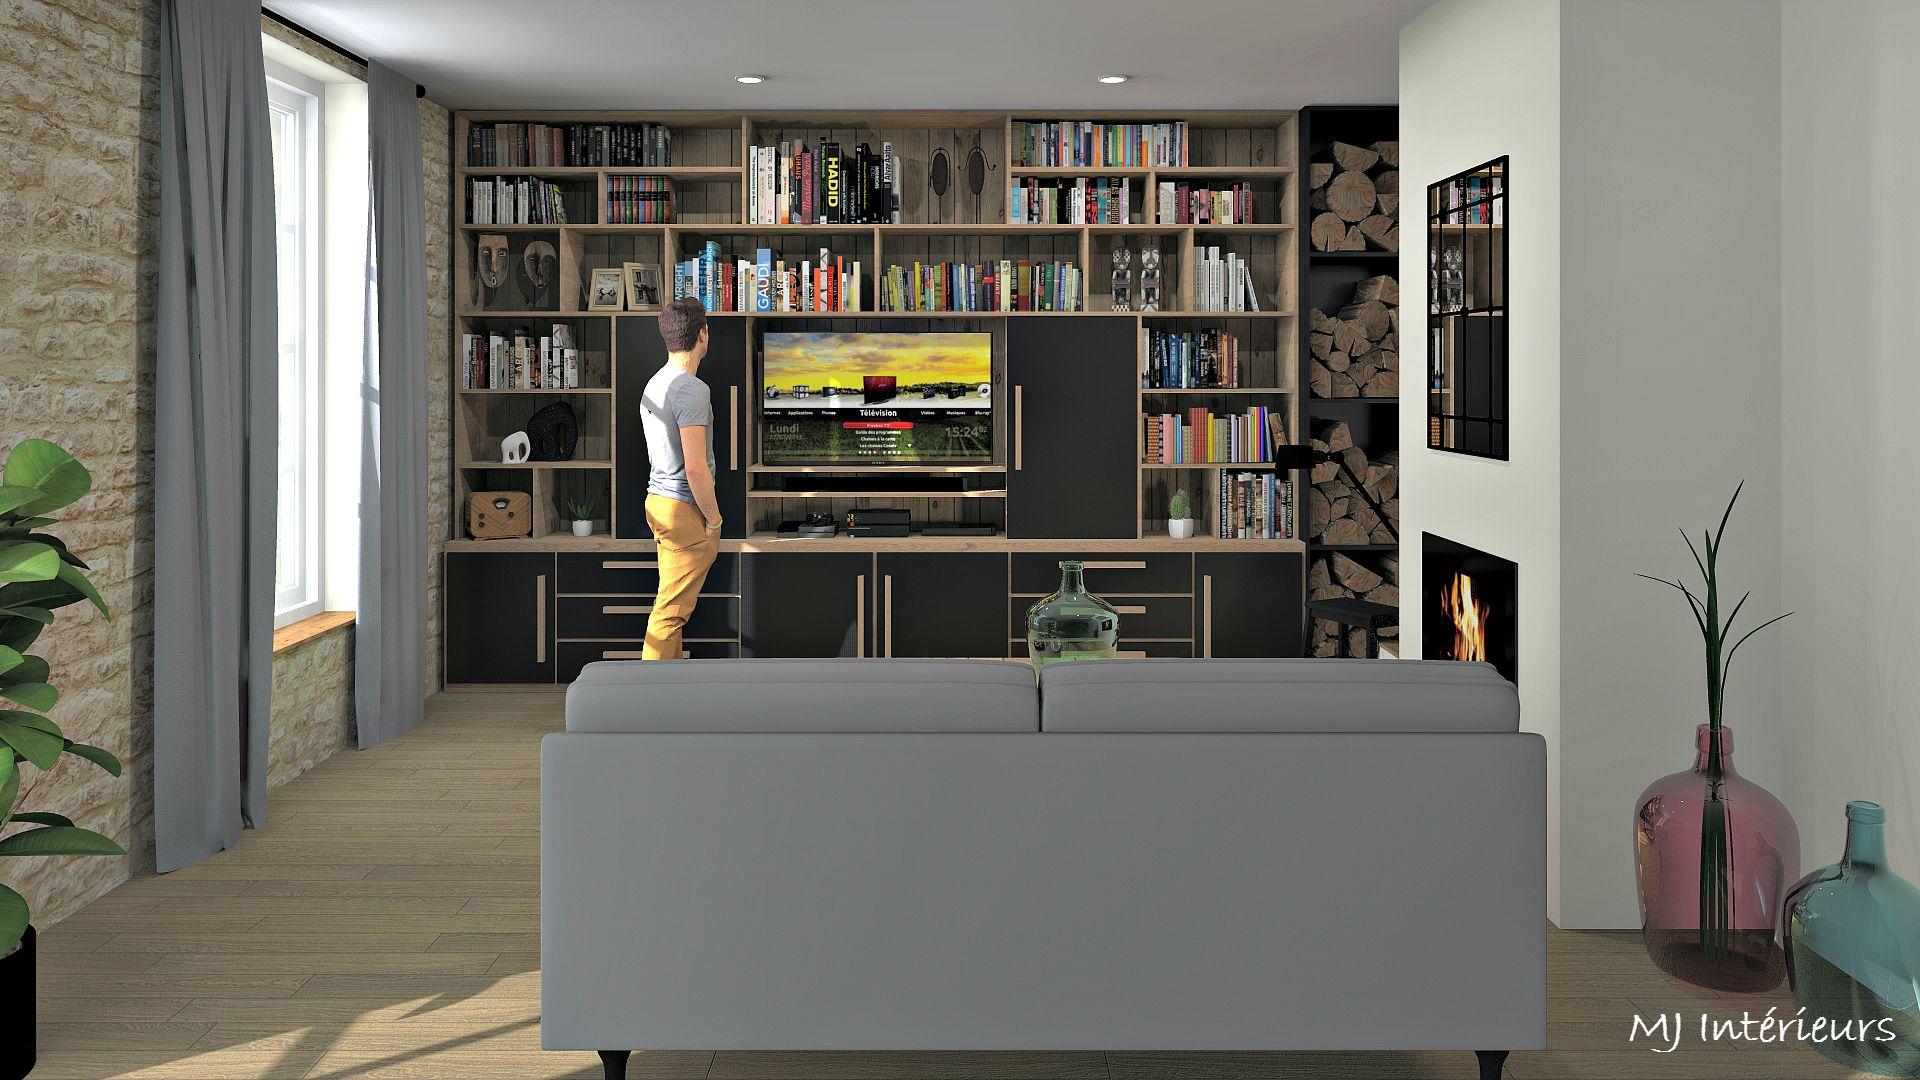 Meuble Tv Avec Bibliothèque espace salon avec bibliothèque meuble tv et bûcher conçu sur